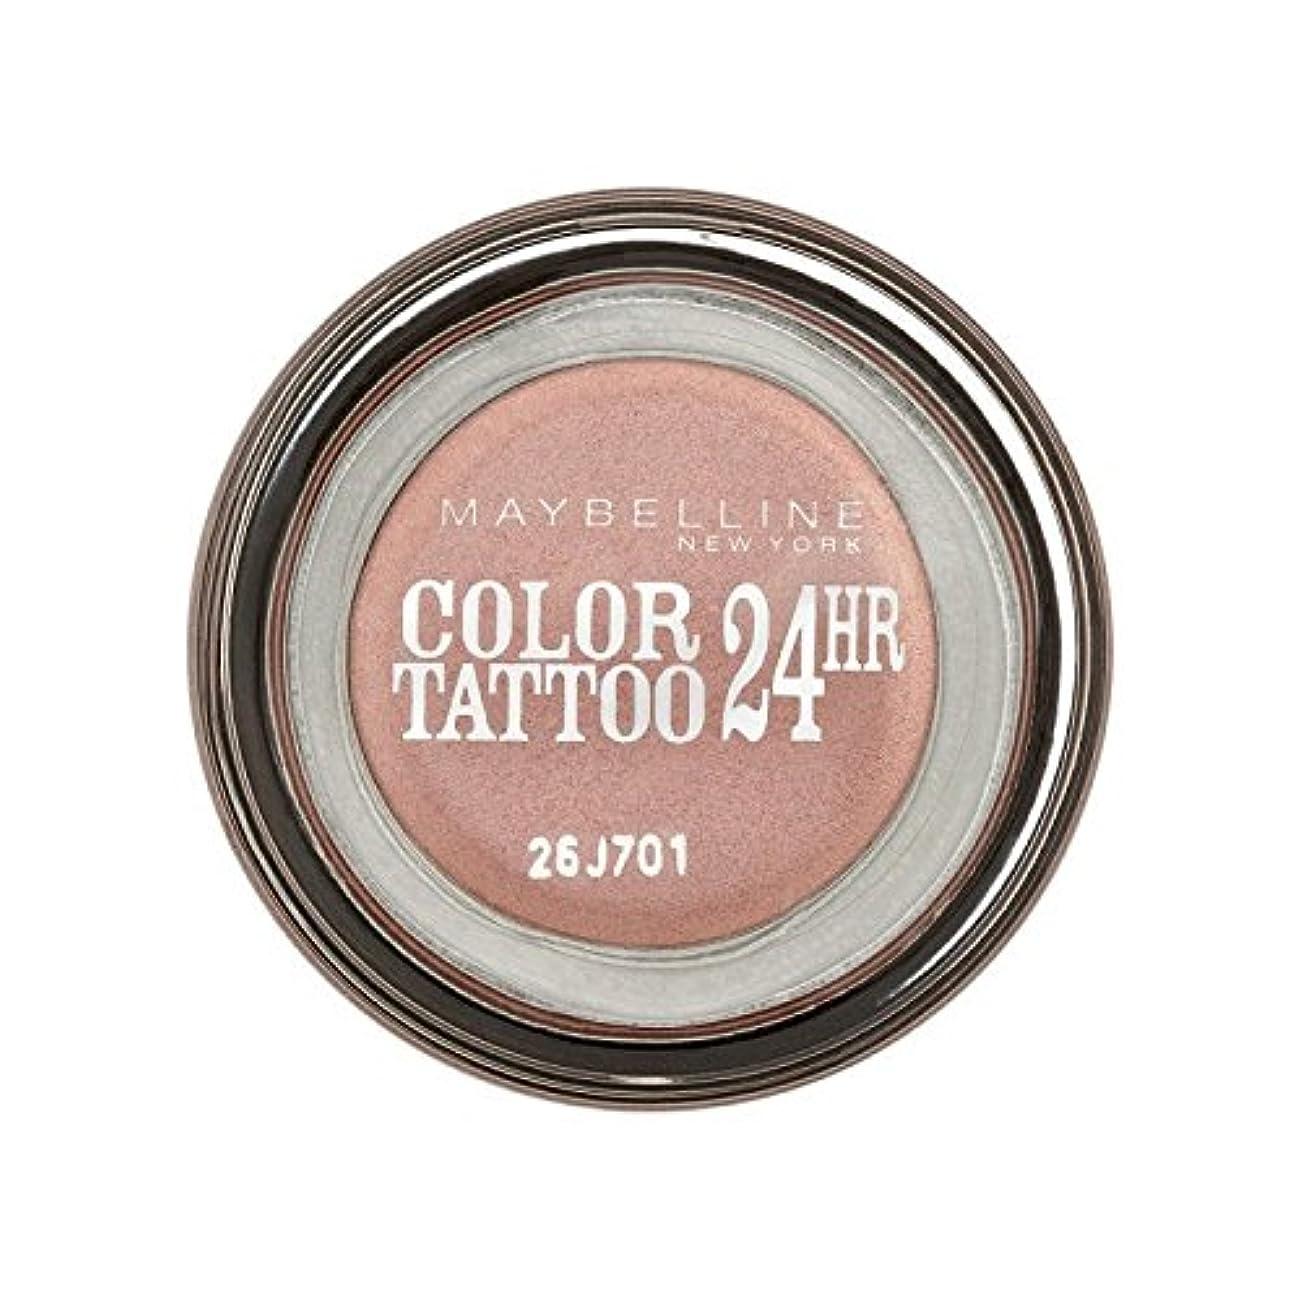 権利を与える計算するゴールデンメイベリンカラータトゥー24時間アイシャドウ65ピンクゴールド x2 - Maybelline Color Tattoo 24Hr Eyeshadow 65 Pink Gold (Pack of 2) [並行輸入品]